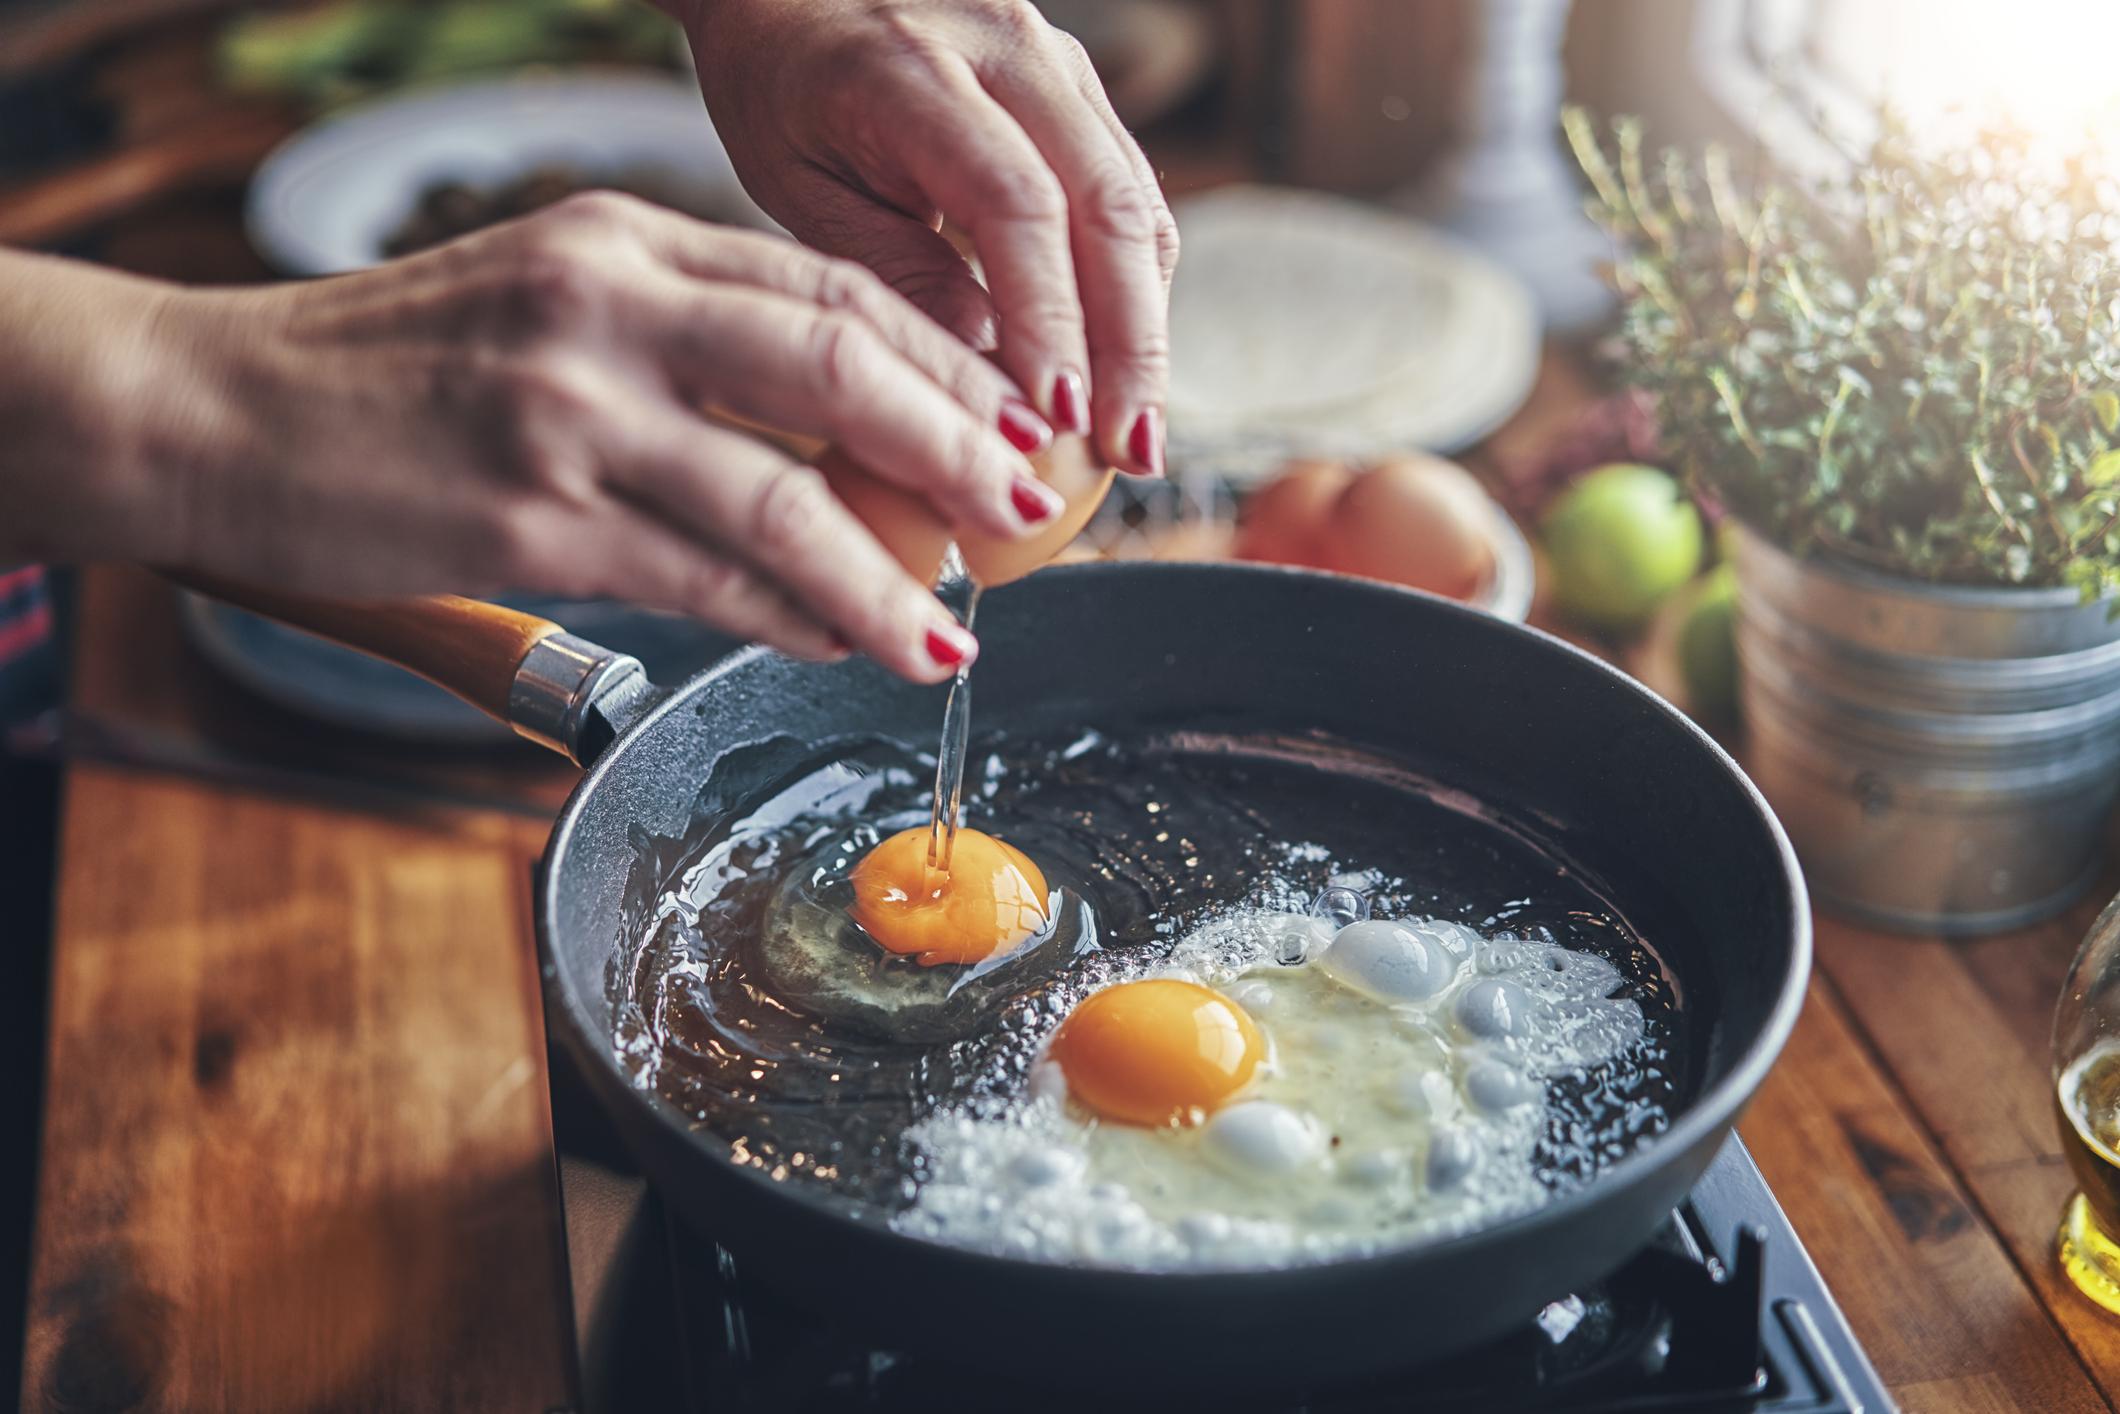 Ako se borite sa suvišnim kilogramima, jedite ih za doručak jer povećavaju osjećaj sitosti.